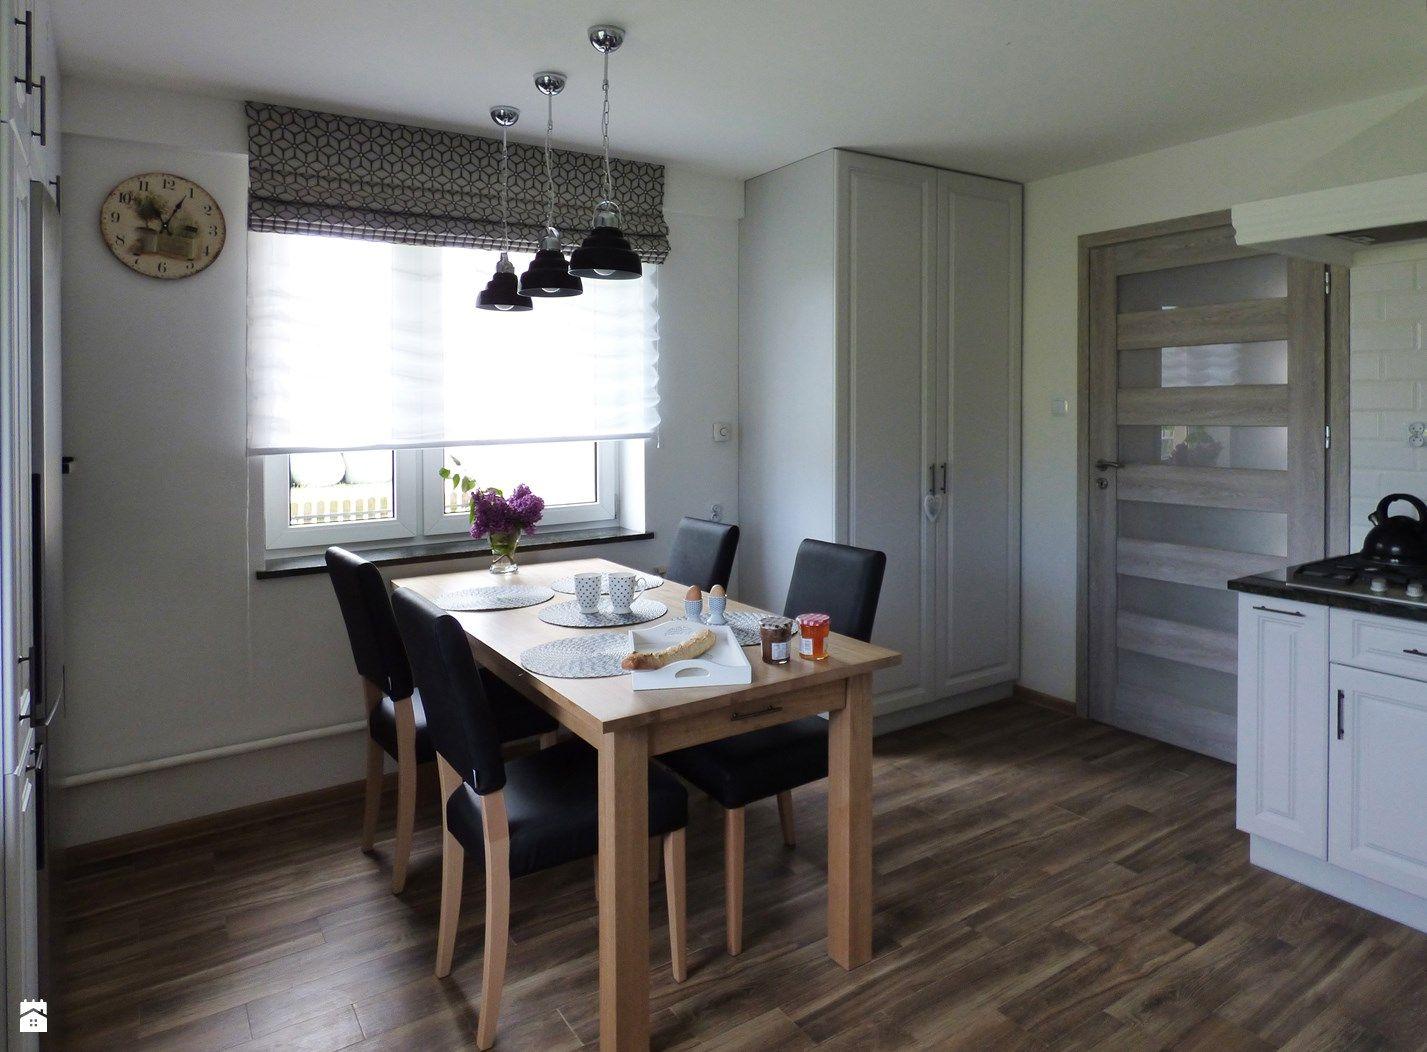 Kuchnia styl Prowansalski  zdjęcie od Interiori Pracownia   -> Kuchnia Ikea Styl Prowansalski